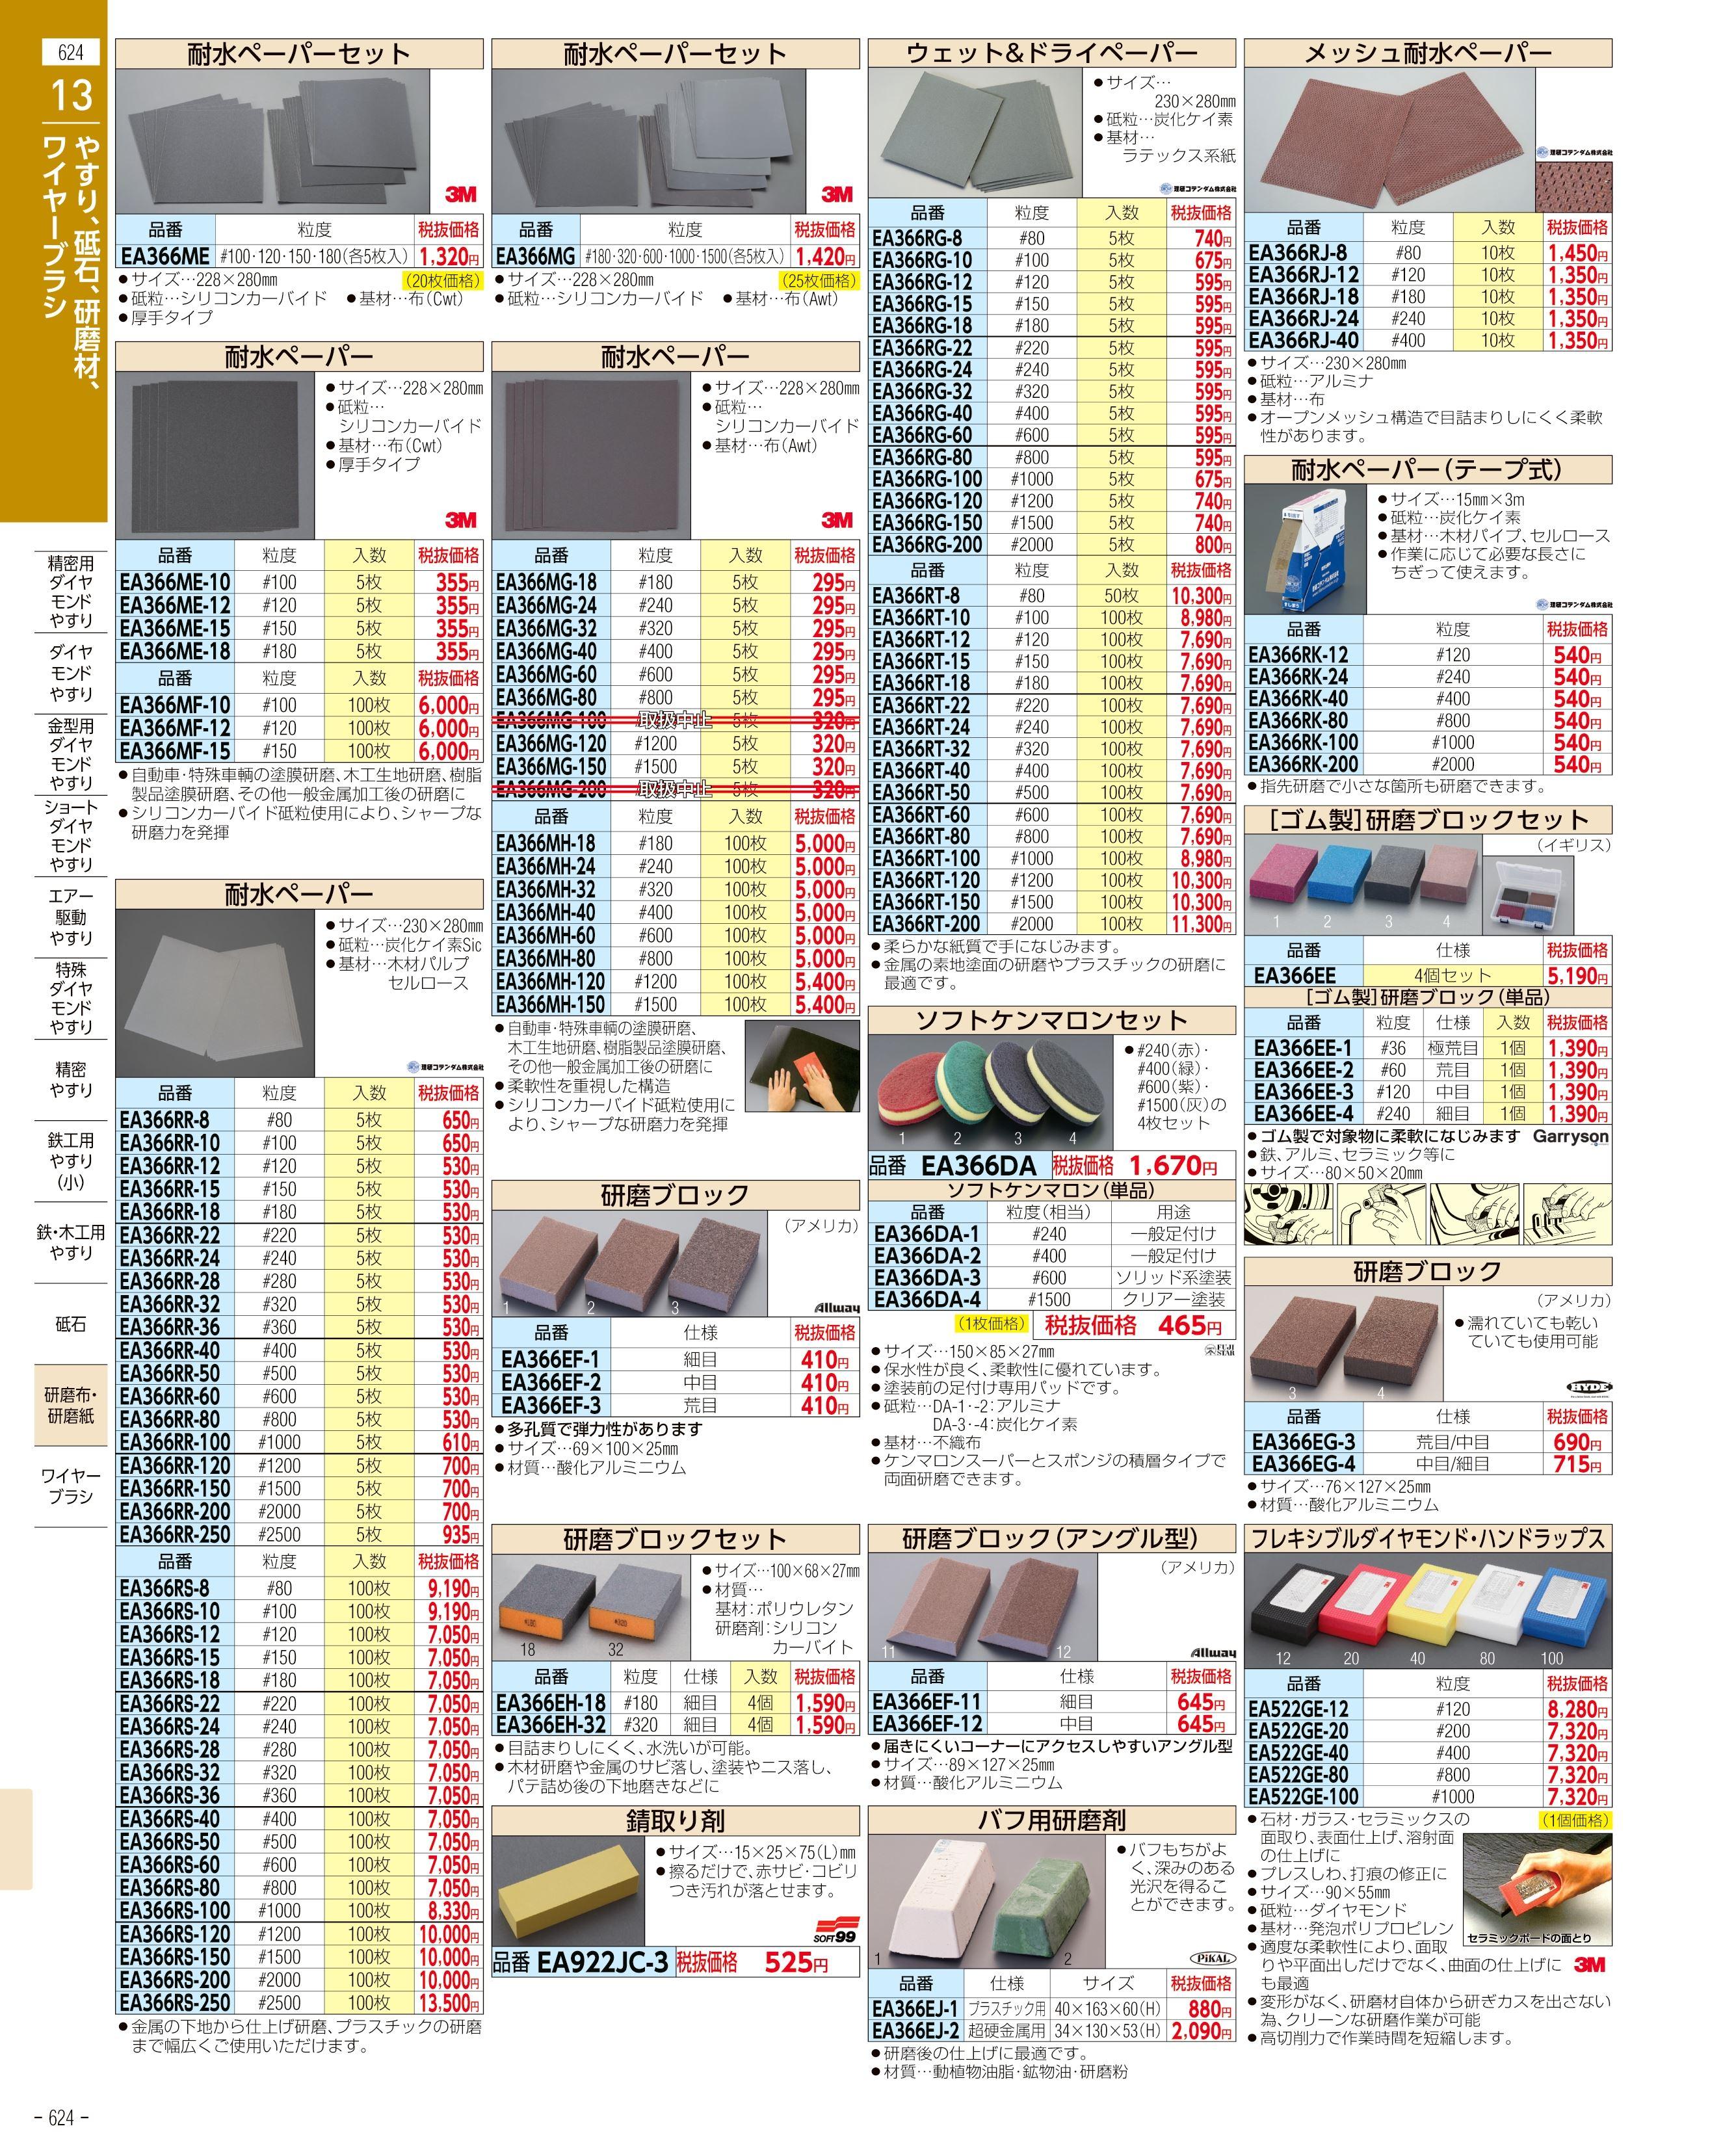 エスコ便利カタログ624ページ